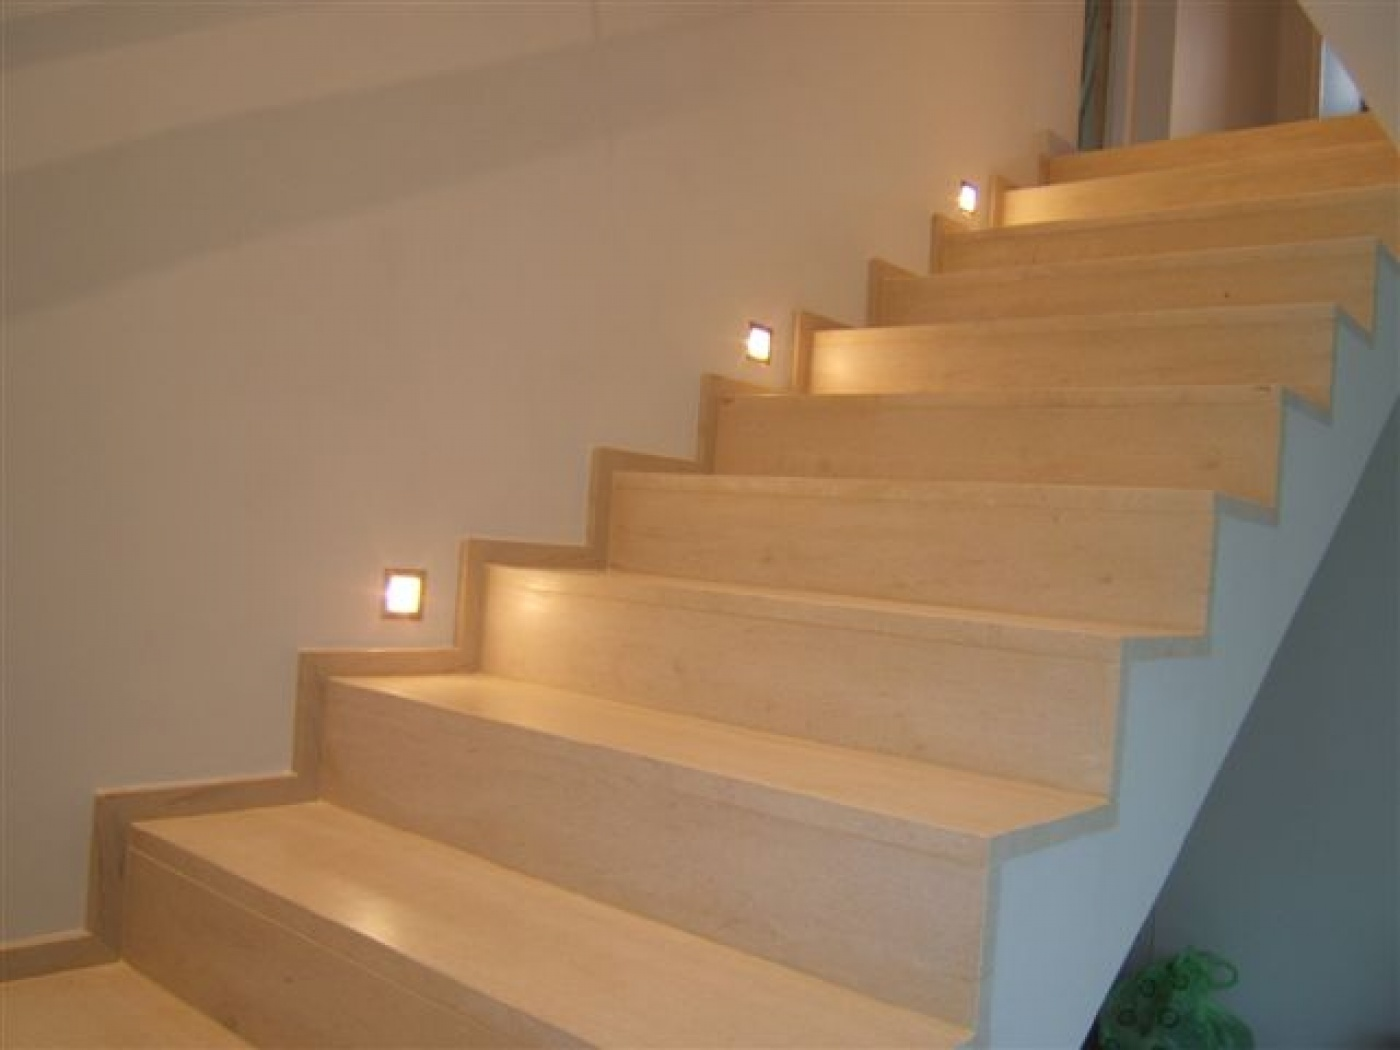 Pierre calcaire Escalier en Moca Creme taillé à contre passe. Plinthe en crémaillère. Prise de mesure, fourniture et pose à Aix en Provence 13